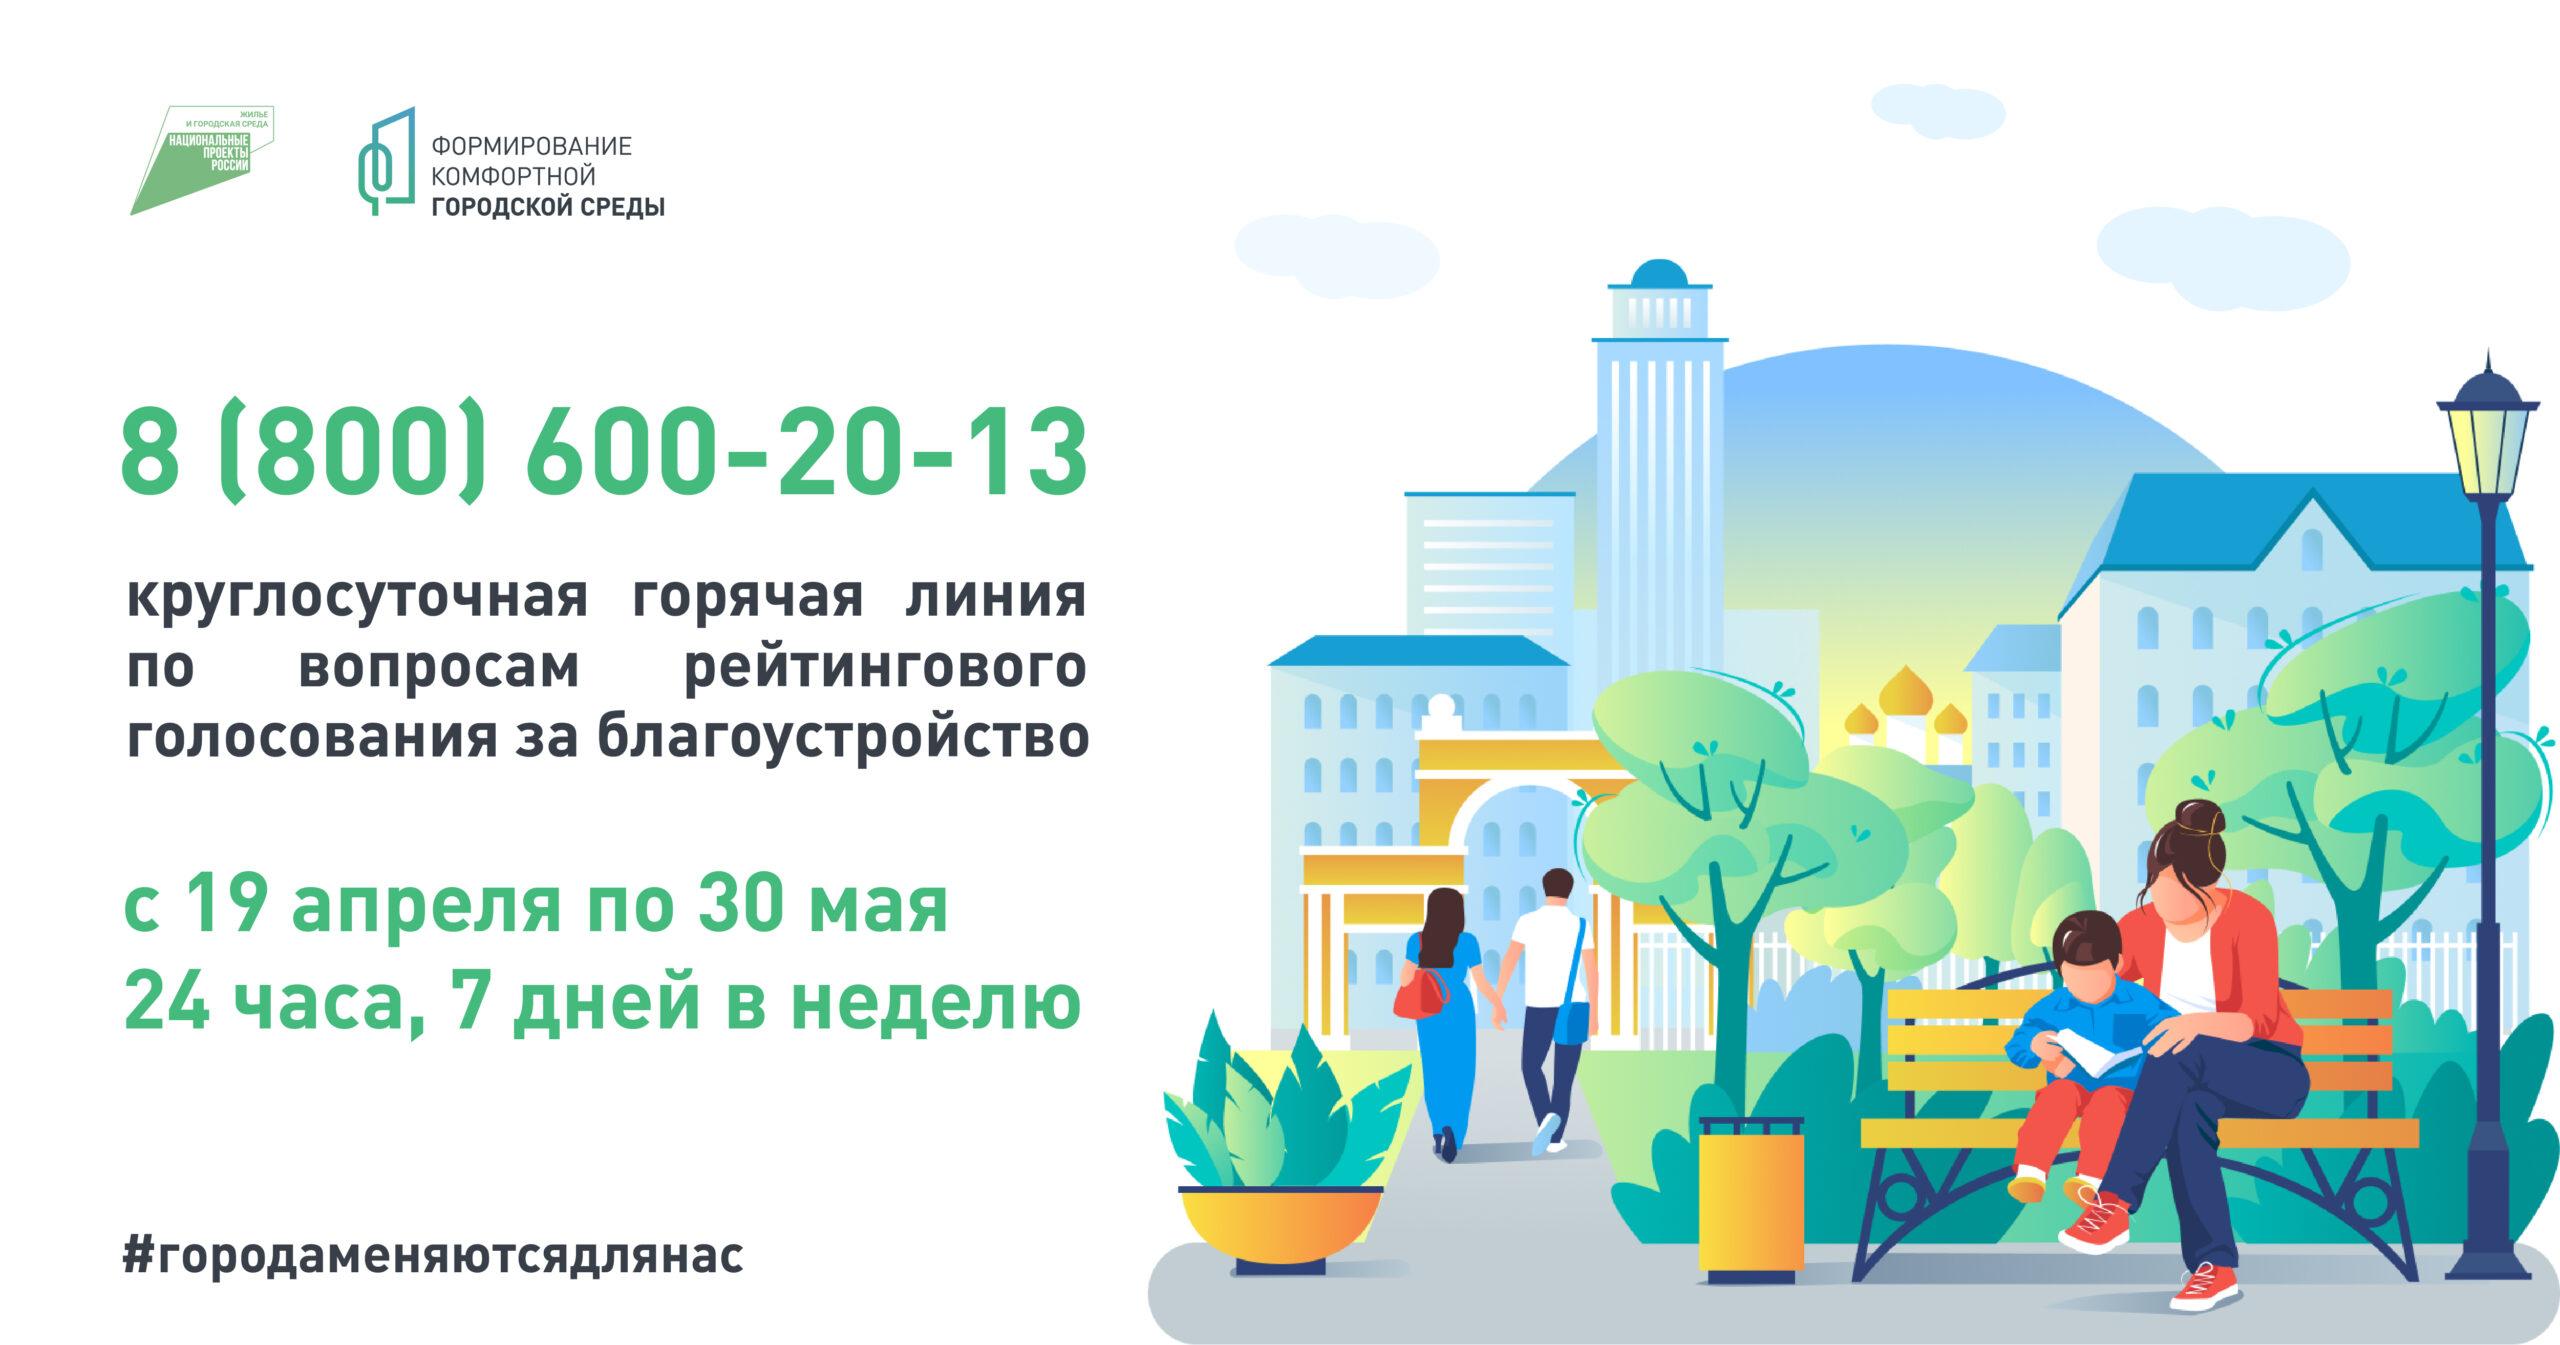 Жители Томского района смогут задать вопросы о голосовании за объекты благоустройства на горячей линии